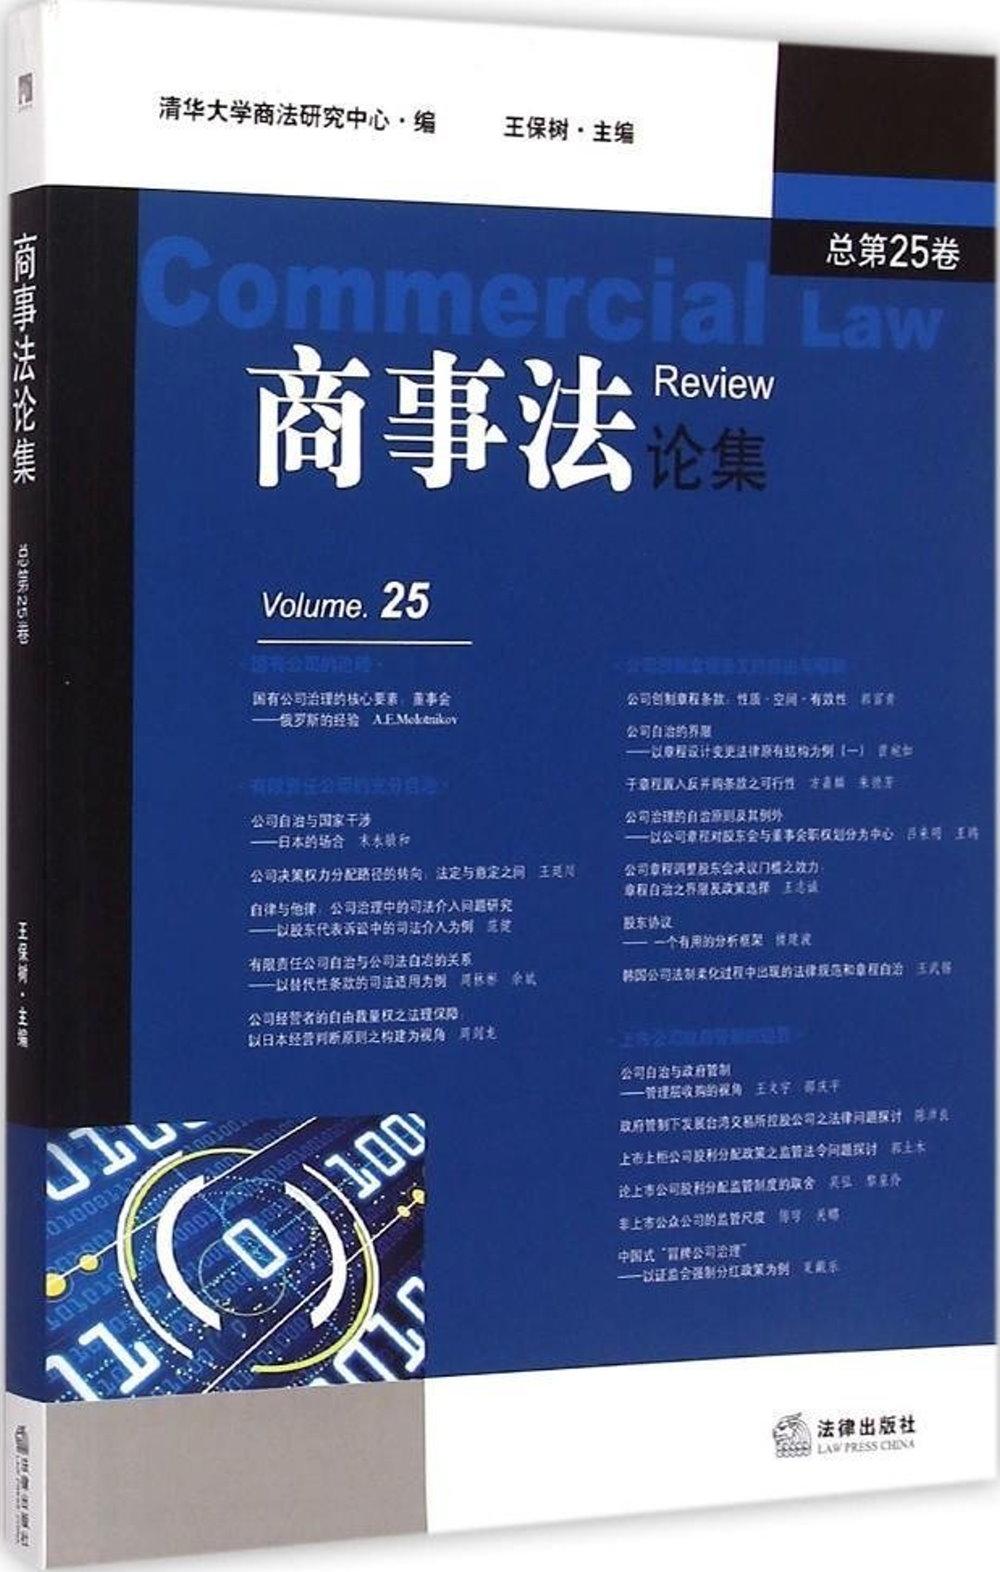 商事法論集(總第25卷)